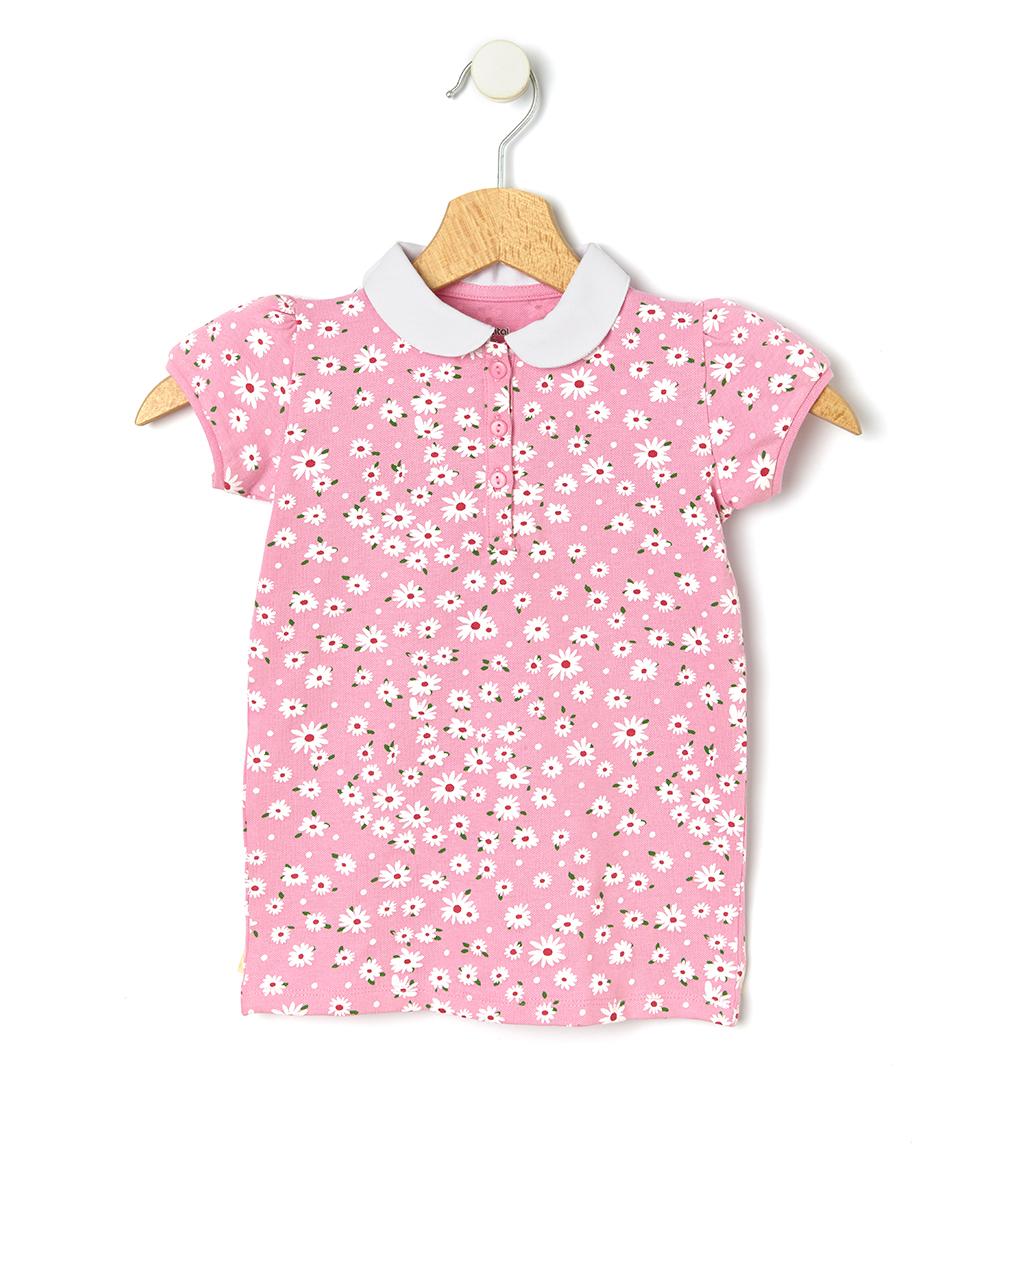 T-Shirt Πόλο Ροζ με Λουλουδάκια για Κορίτσι